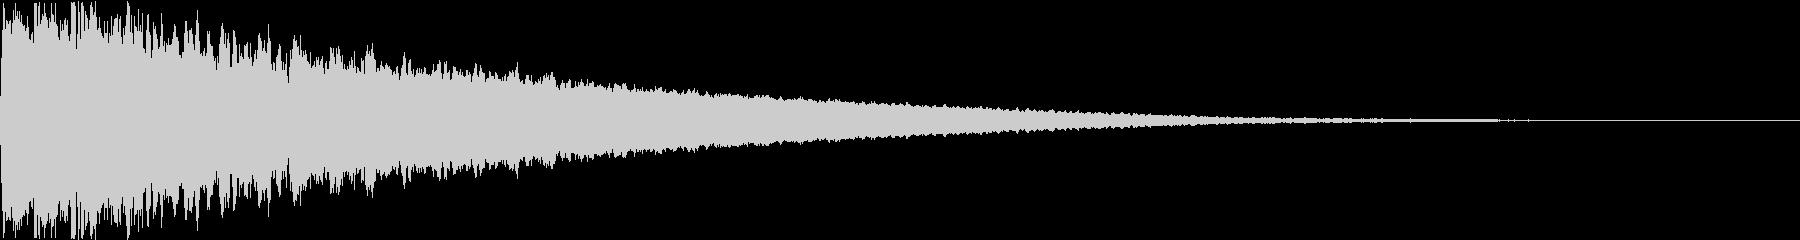 シャキーン キュイーン シュキーン 01の未再生の波形